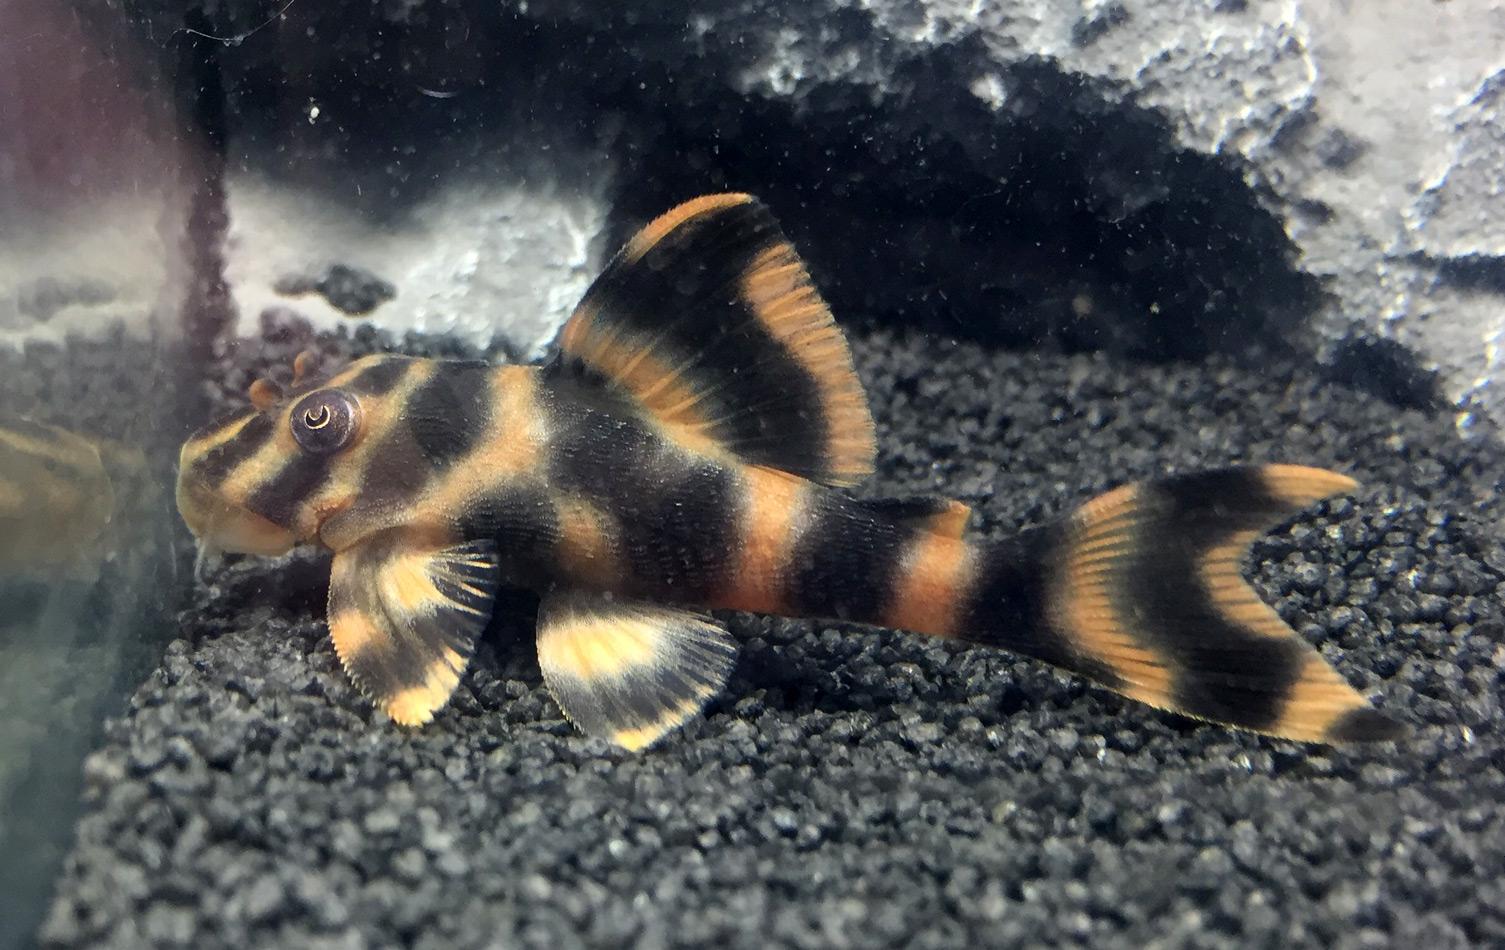 Peckoltia sp. L209, F1